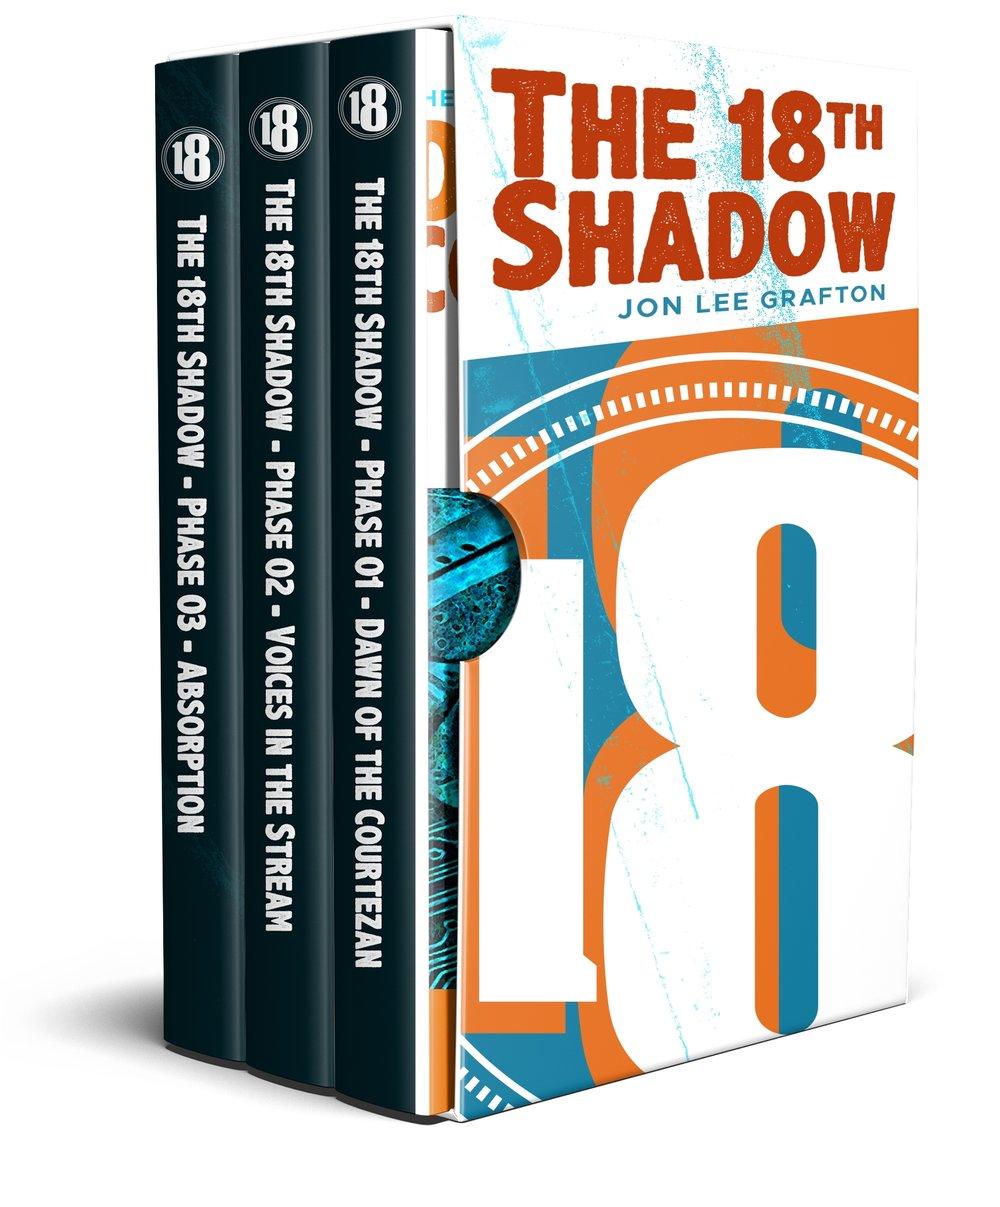 3-book-boxset-1600x2400.jpg